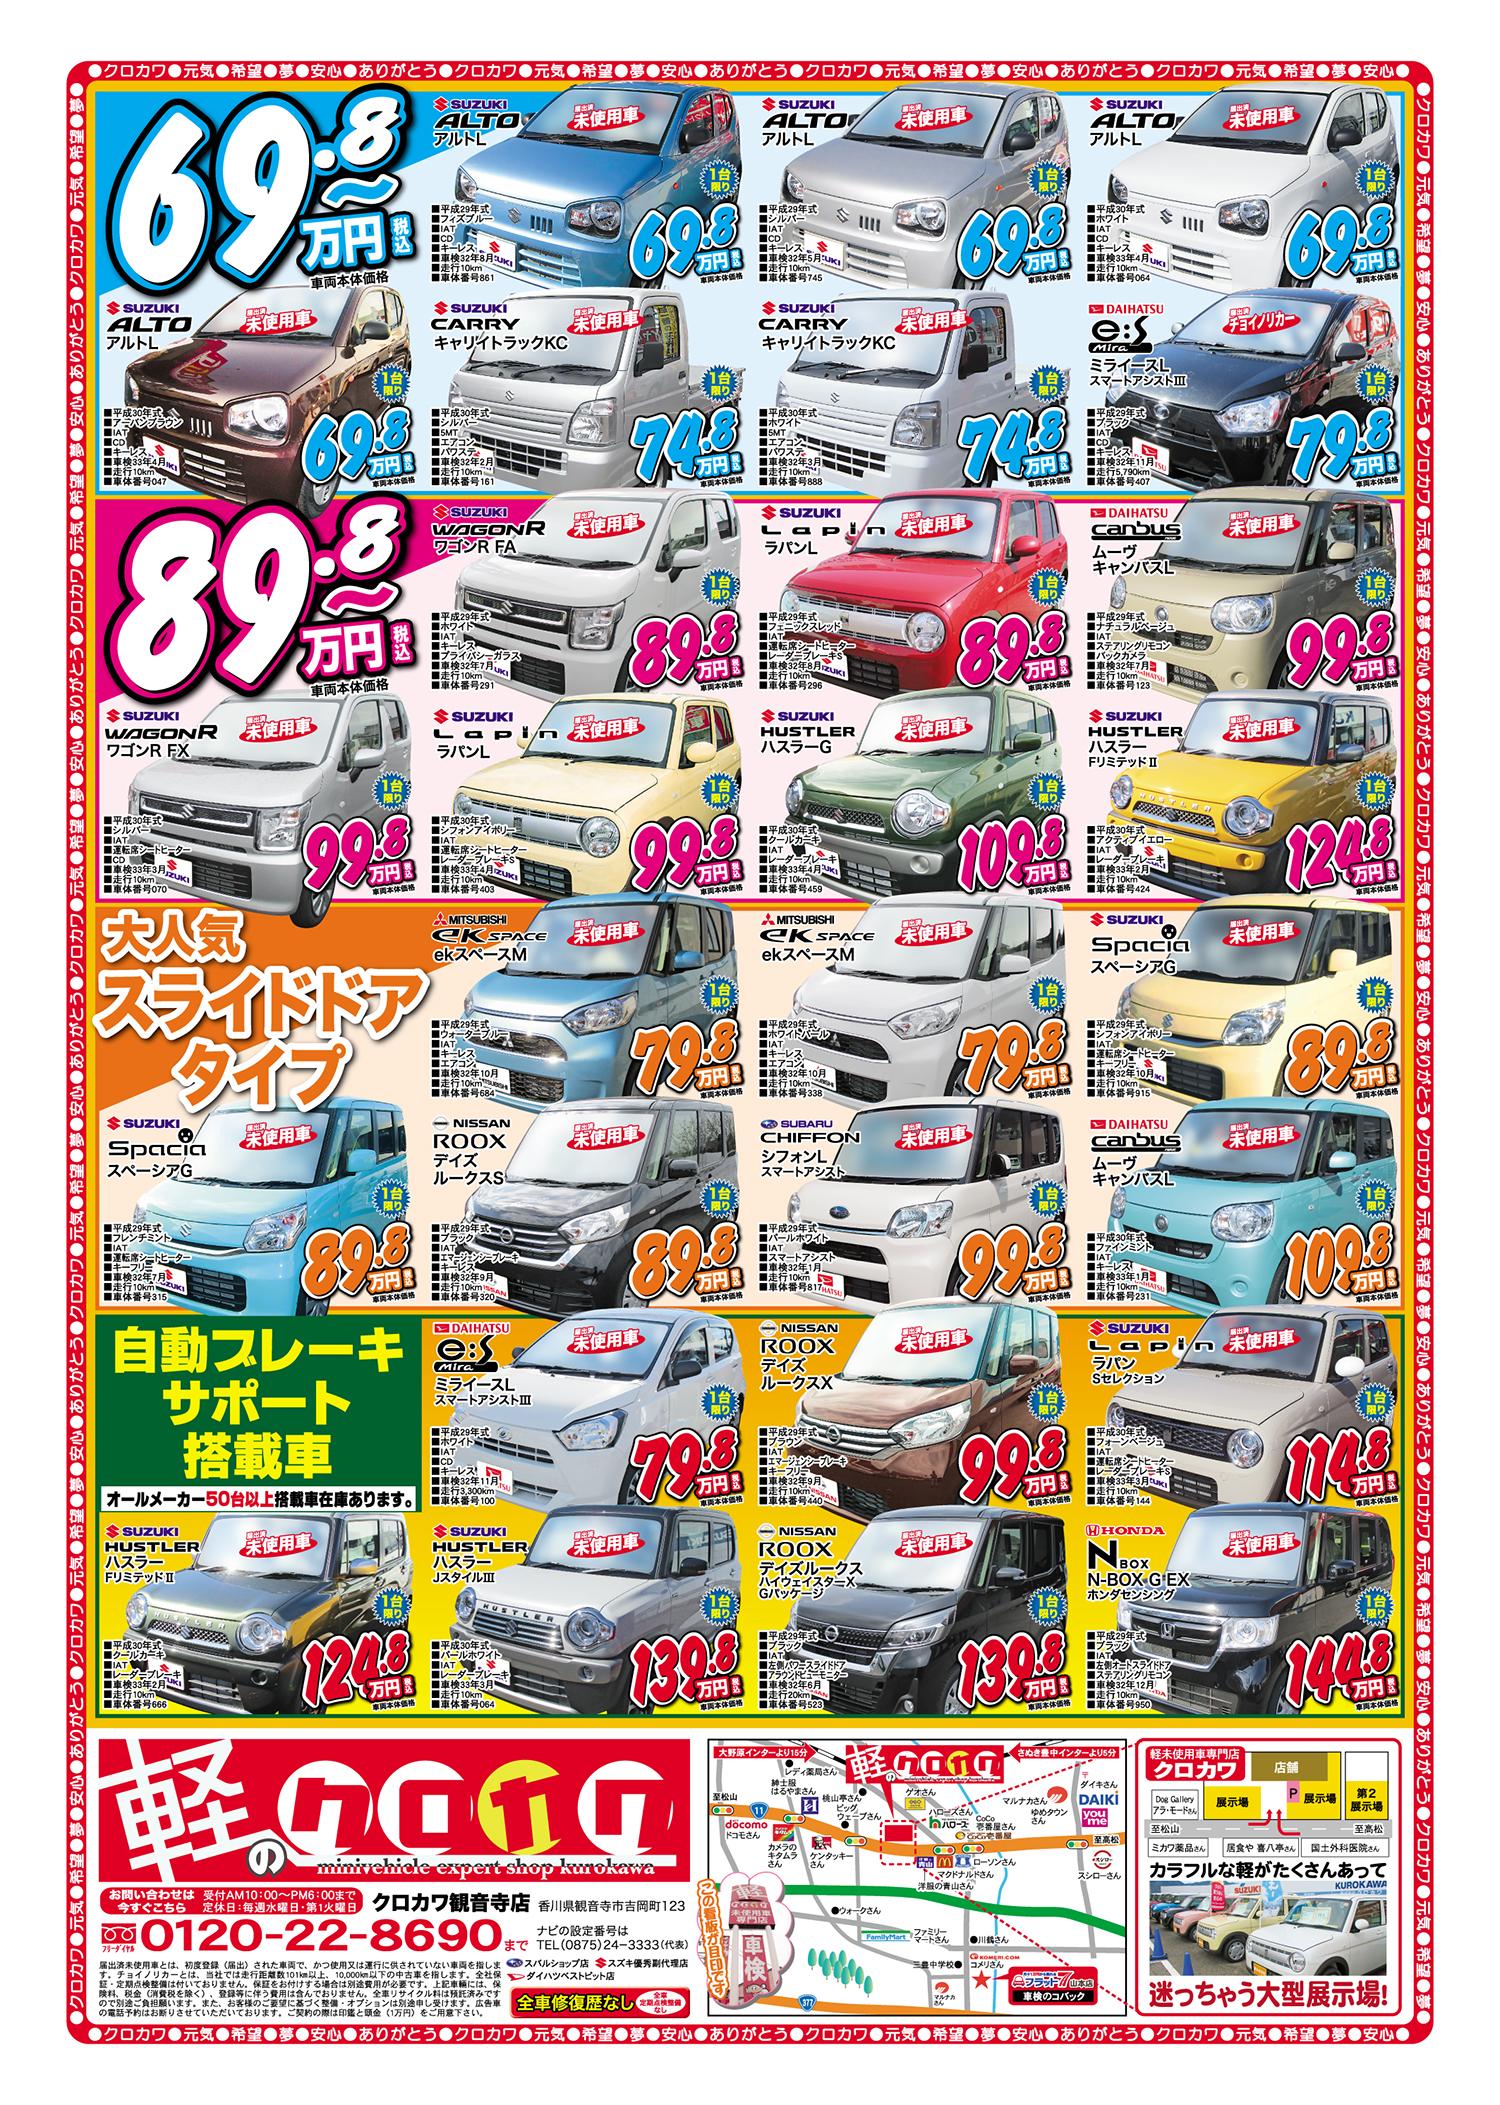 【厳選】届出済み未使用車  目玉車15連発